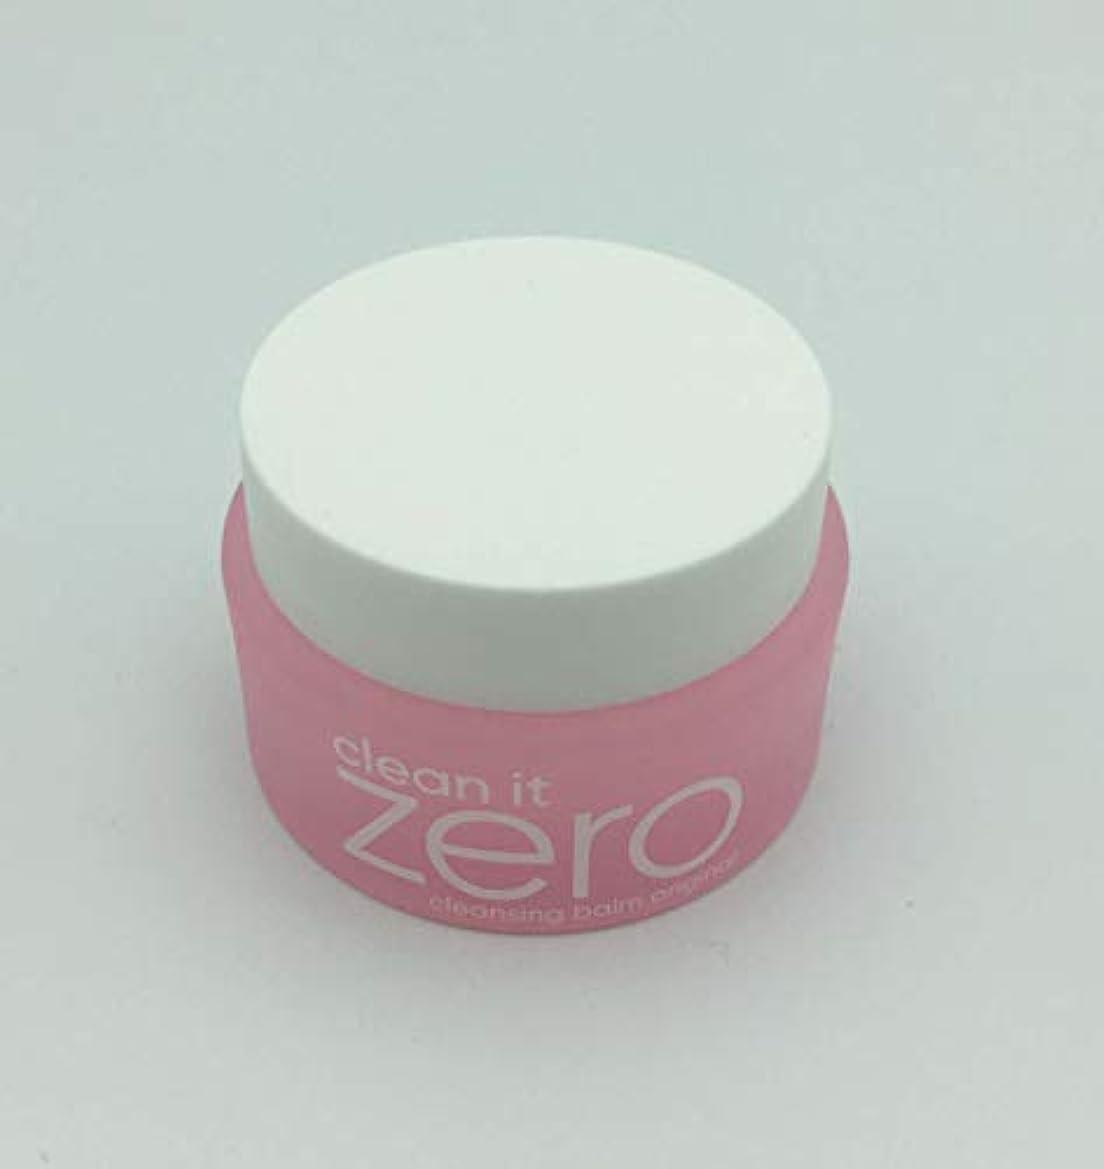 体私の勇敢なバニラコ クリーン イット ゼロ クレンジング バーム オリジナル 25ml / Clean It Zero Cleansing Balm Original 25ml [並行輸入品]